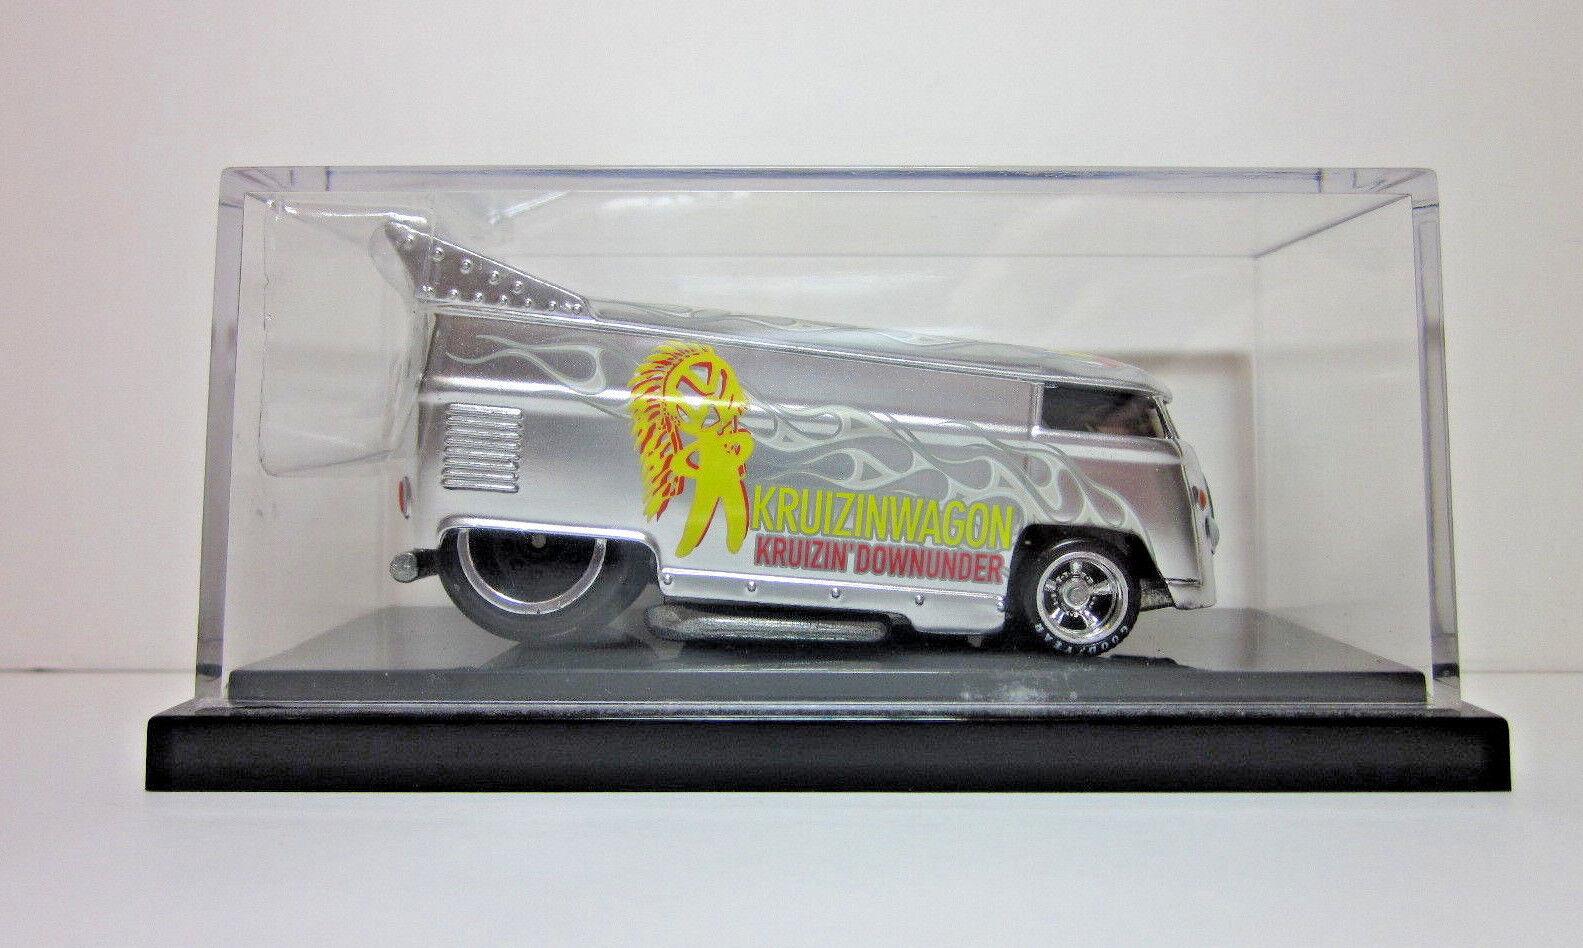 Hot Wheels Liberty promociones-argento kruizinwagon Vw Drag Bus - 165 de 1000